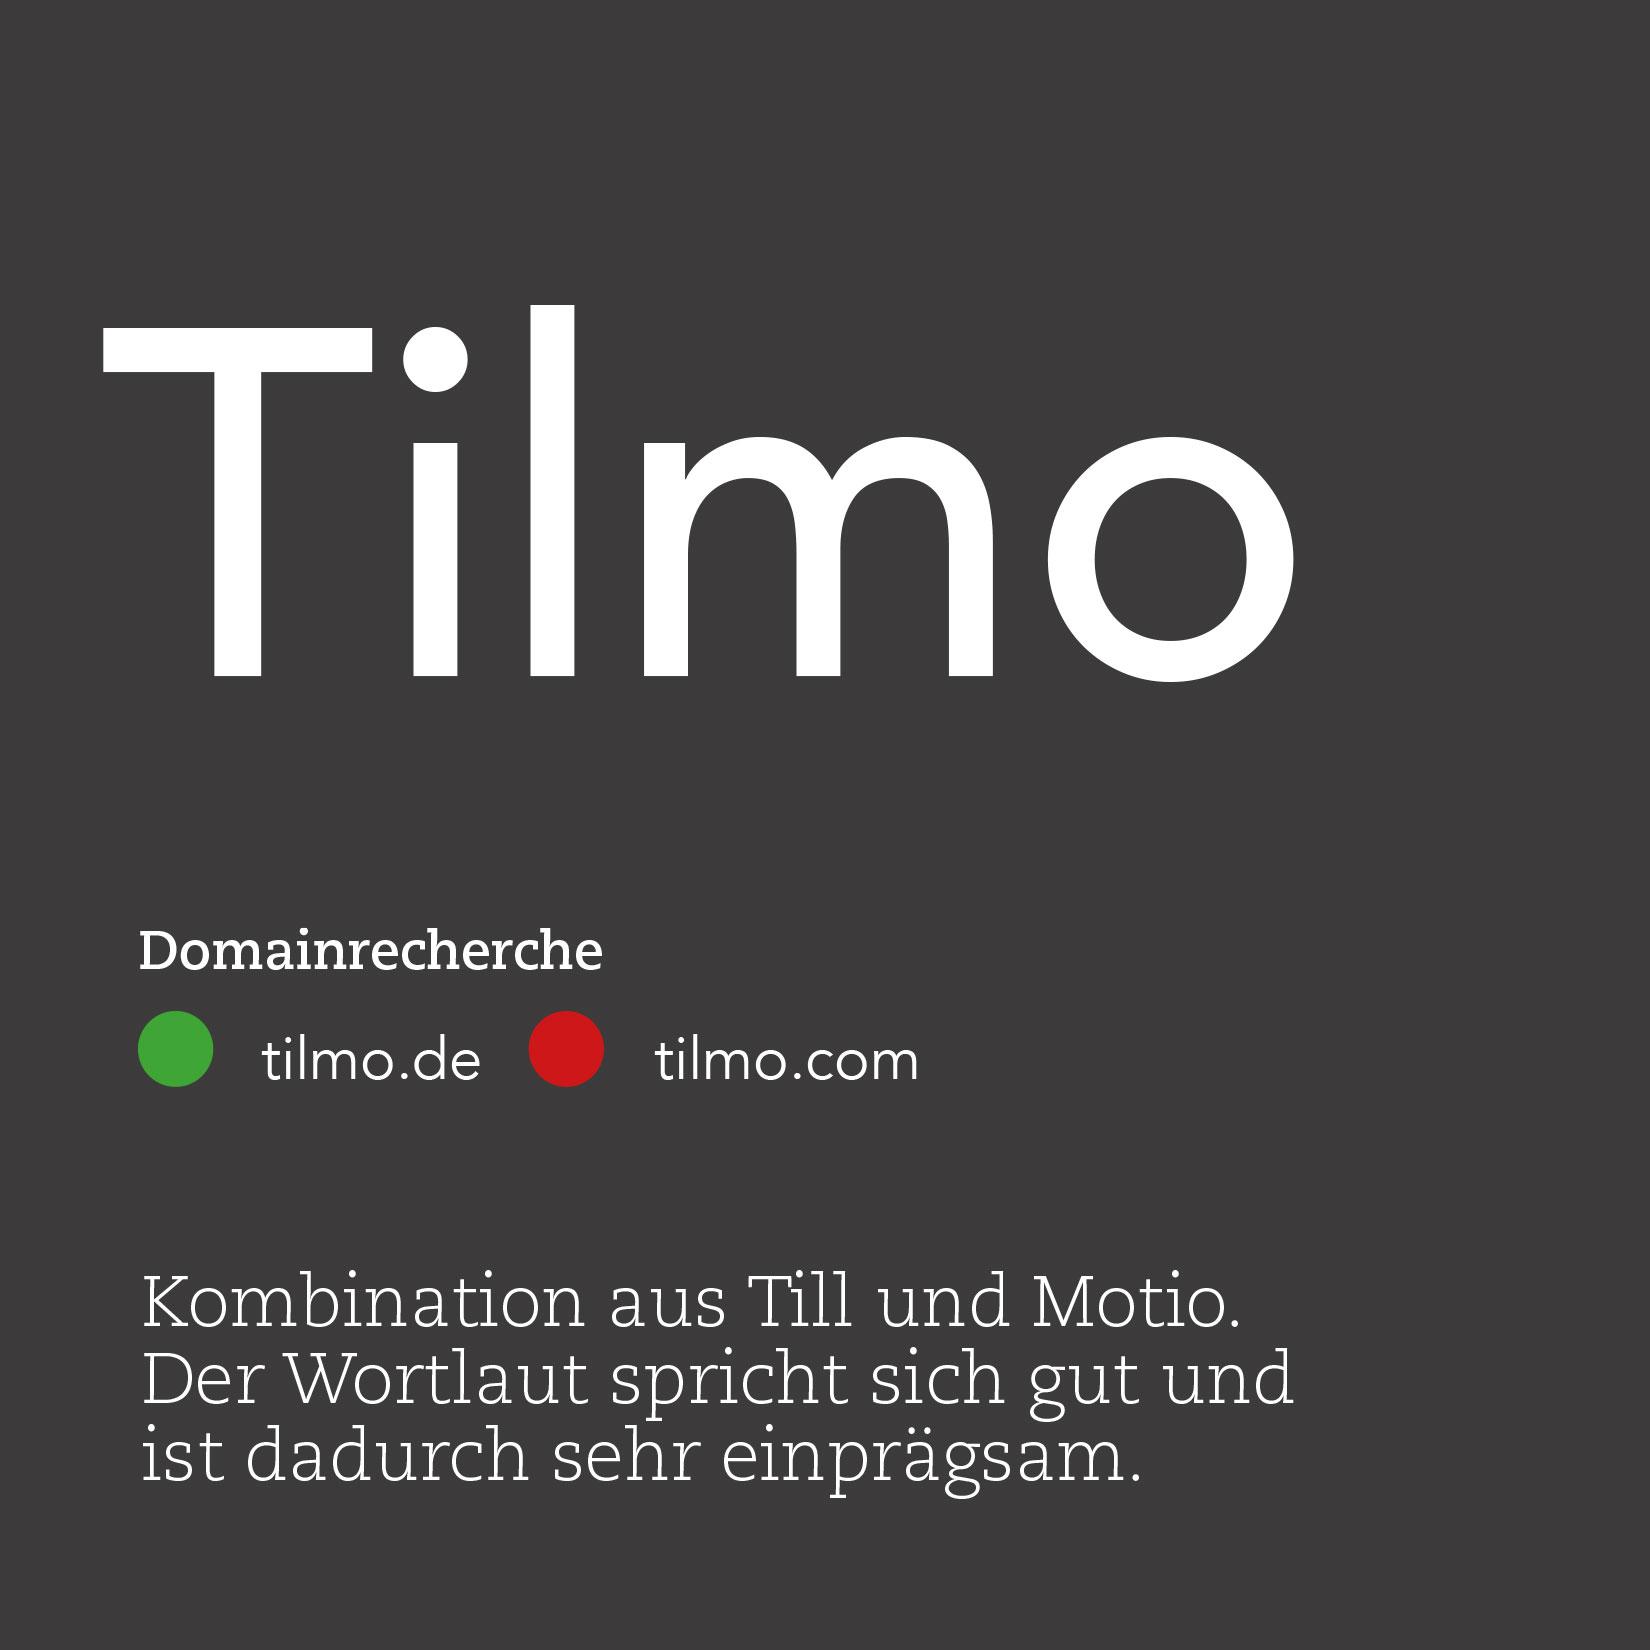 Tilmo Namensdindung